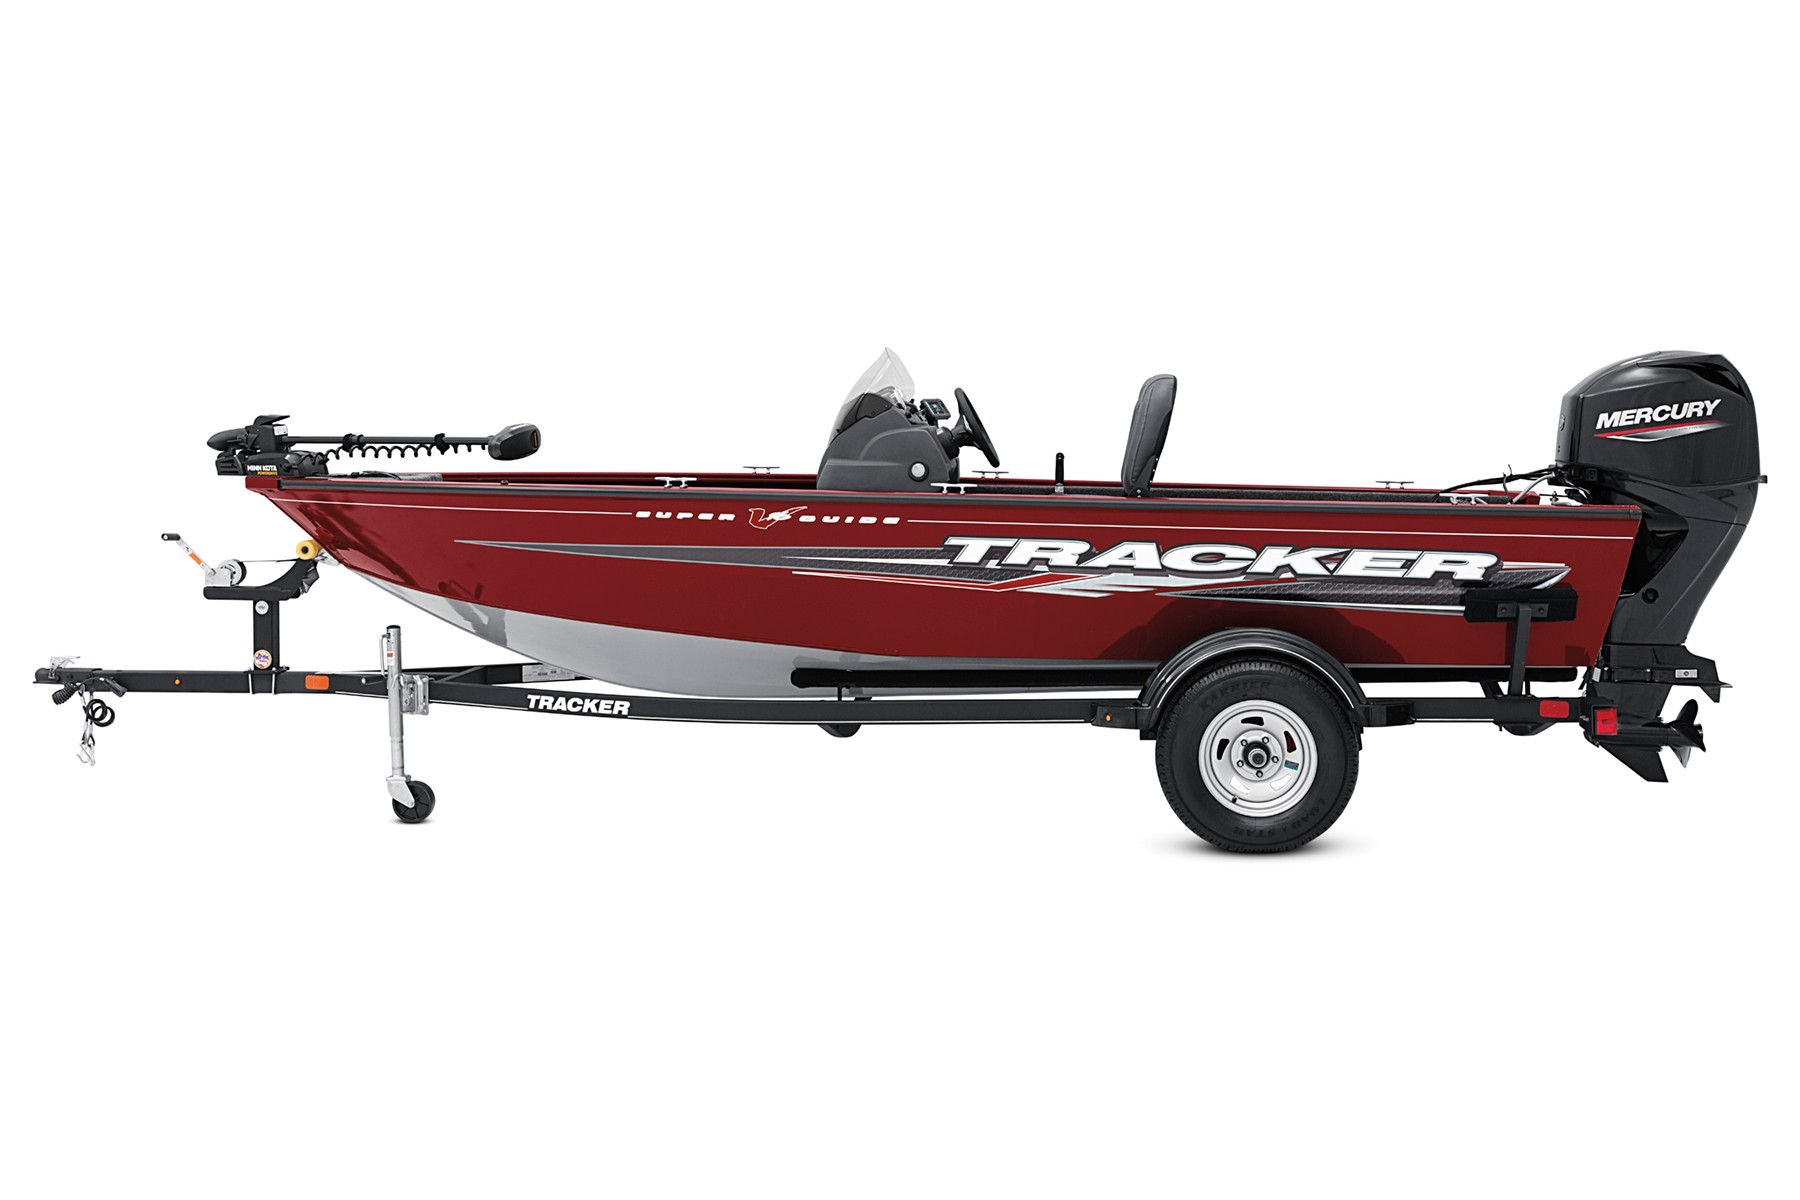 2021 Tracker SUPER GUIDE 16 SC FISHING BOAT thumbnail